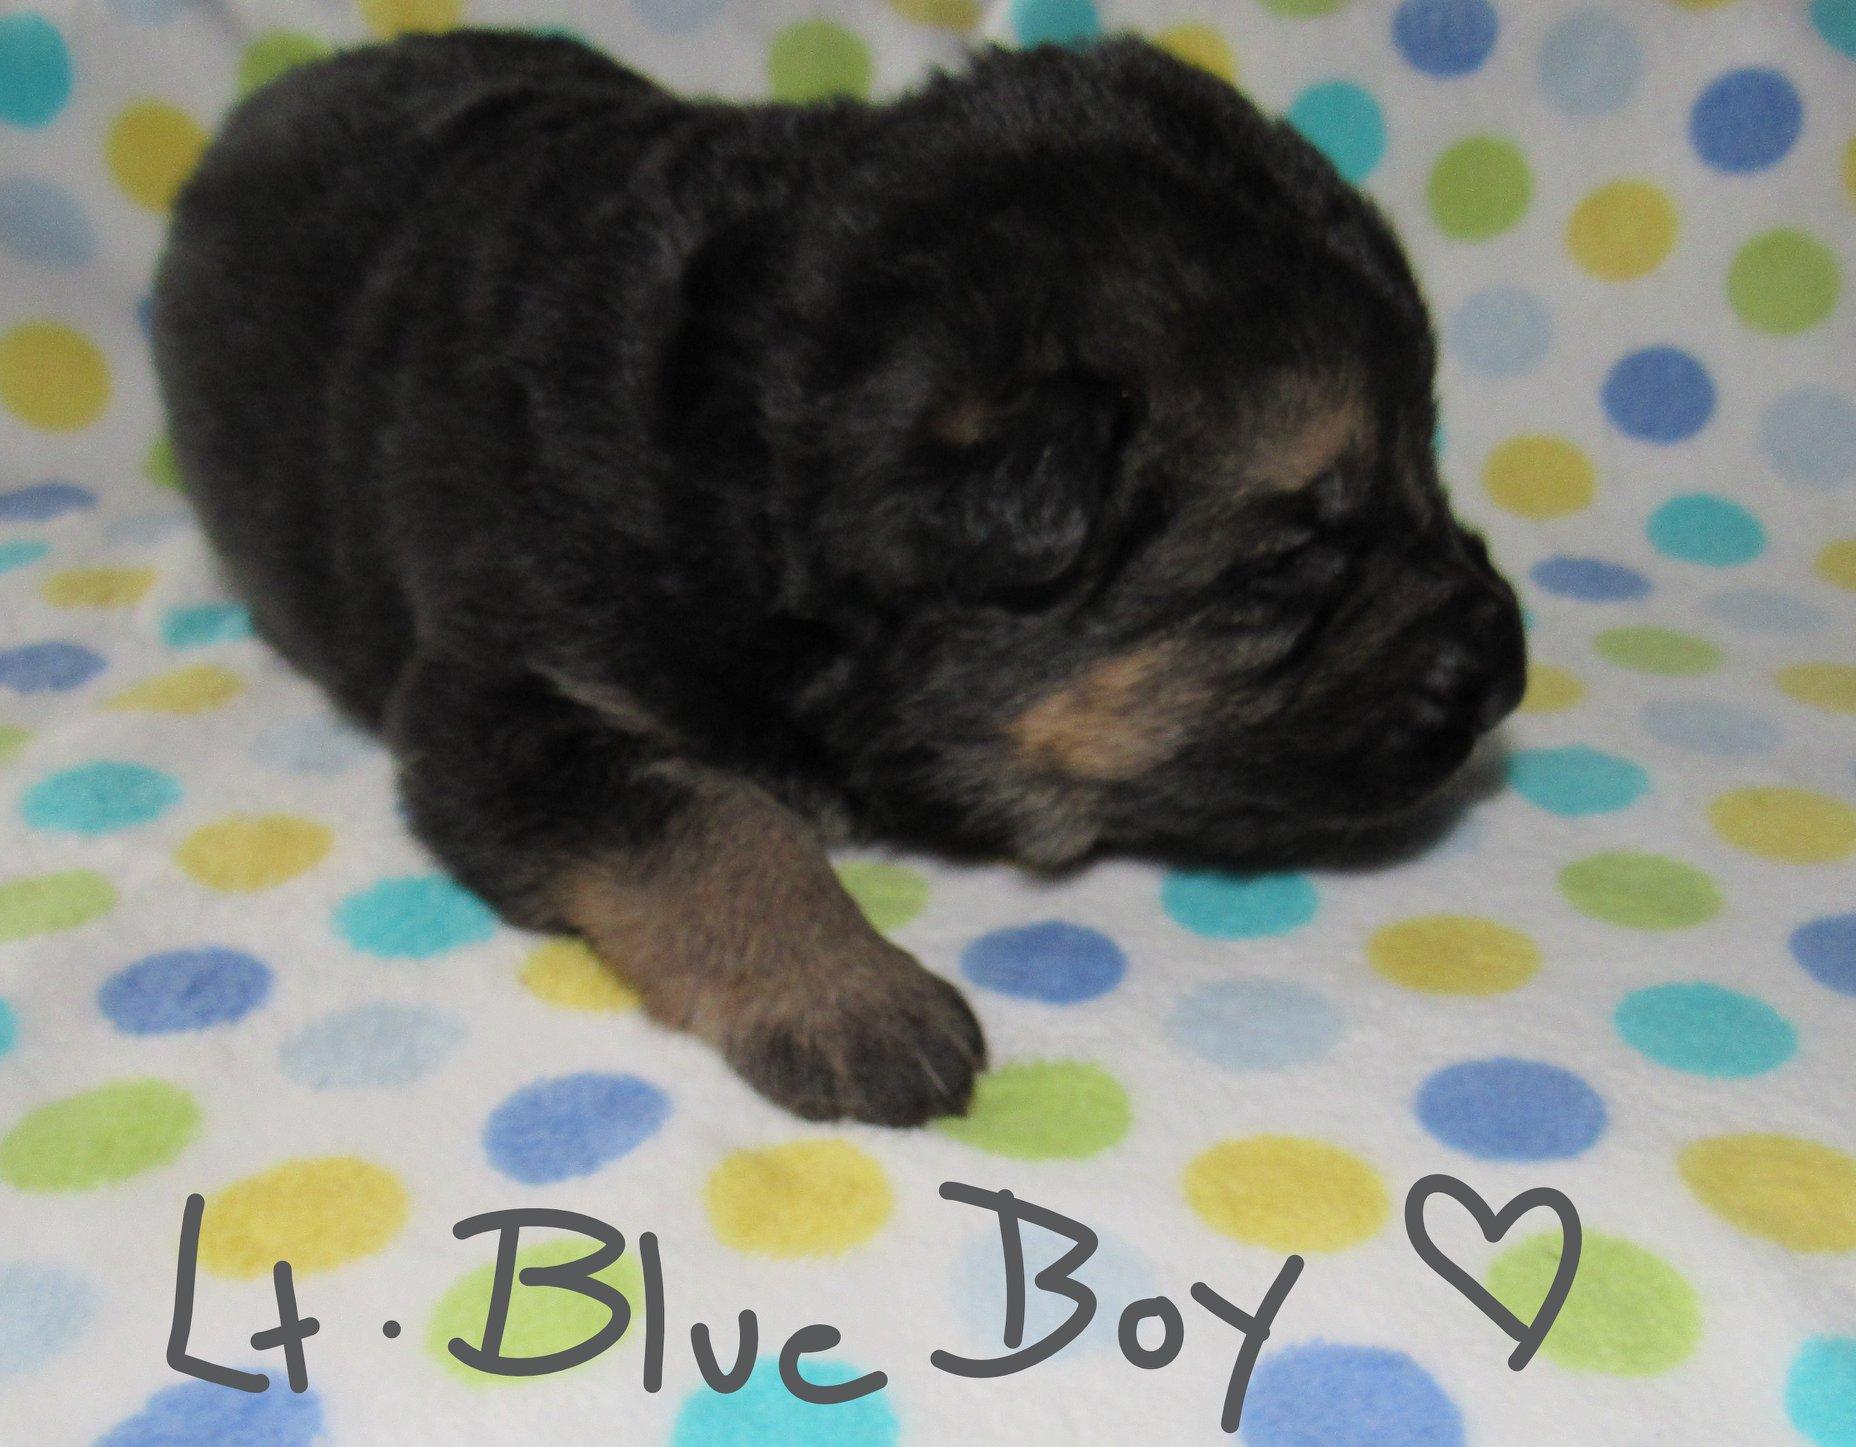 A LT BLUE FBOOK